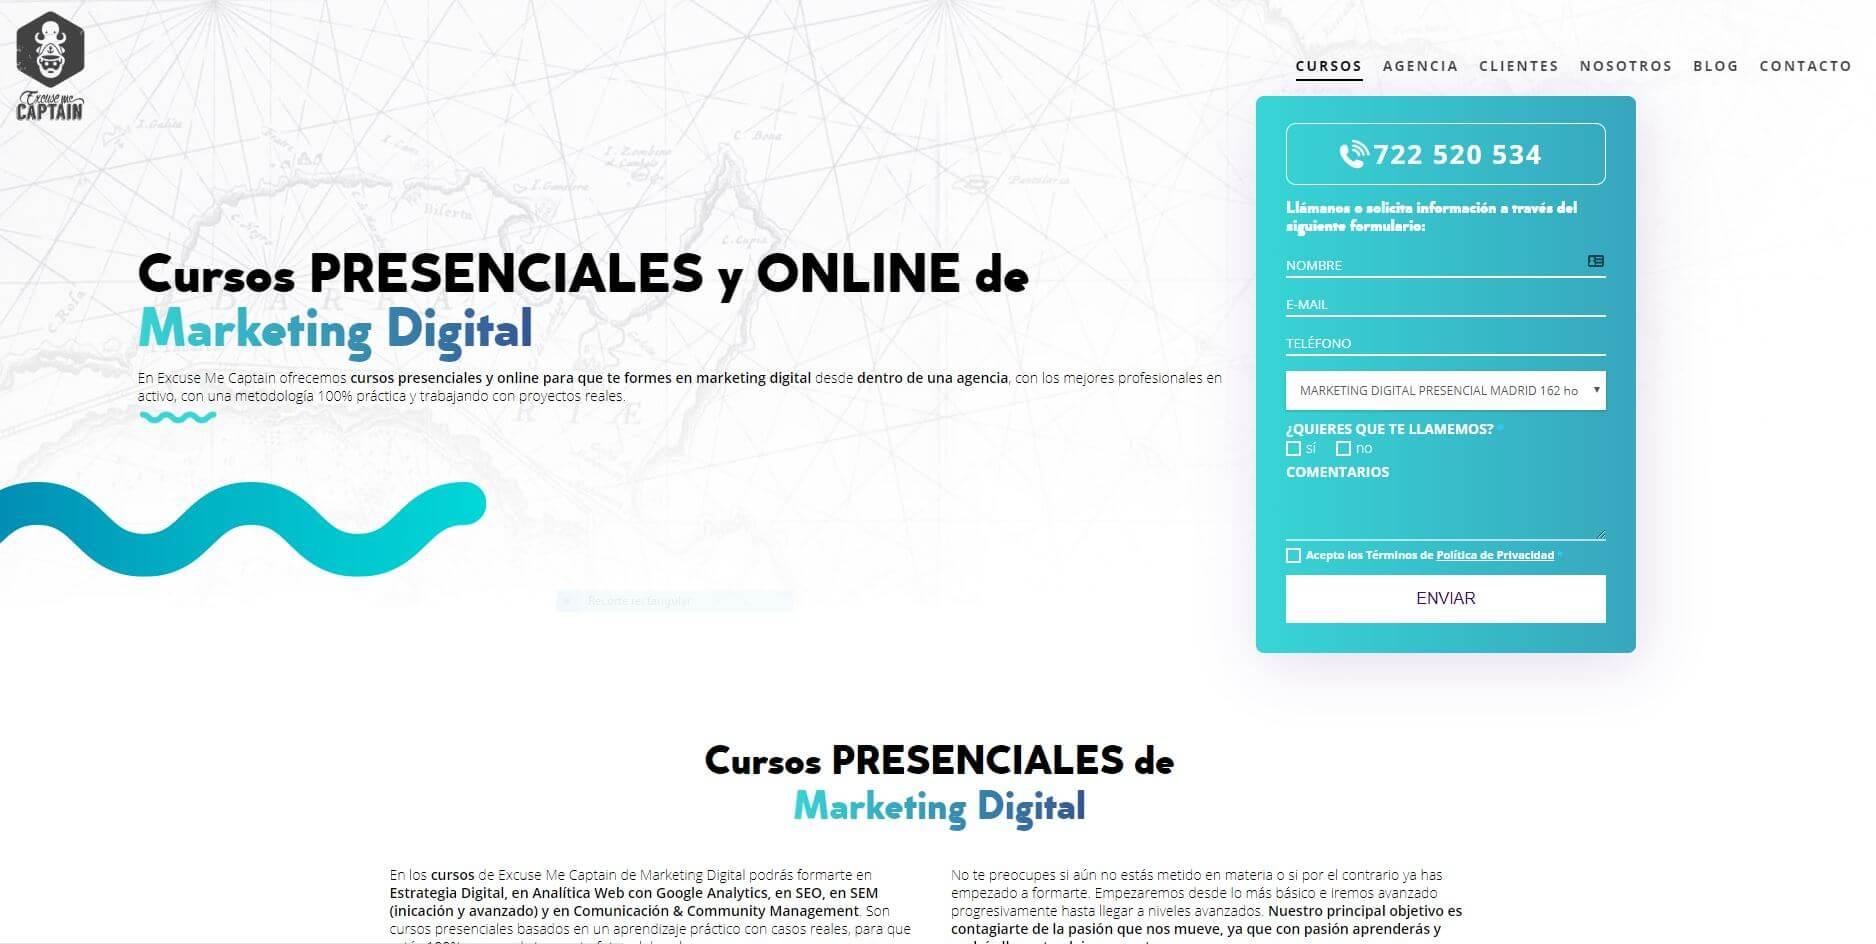 cursos-online-diseno